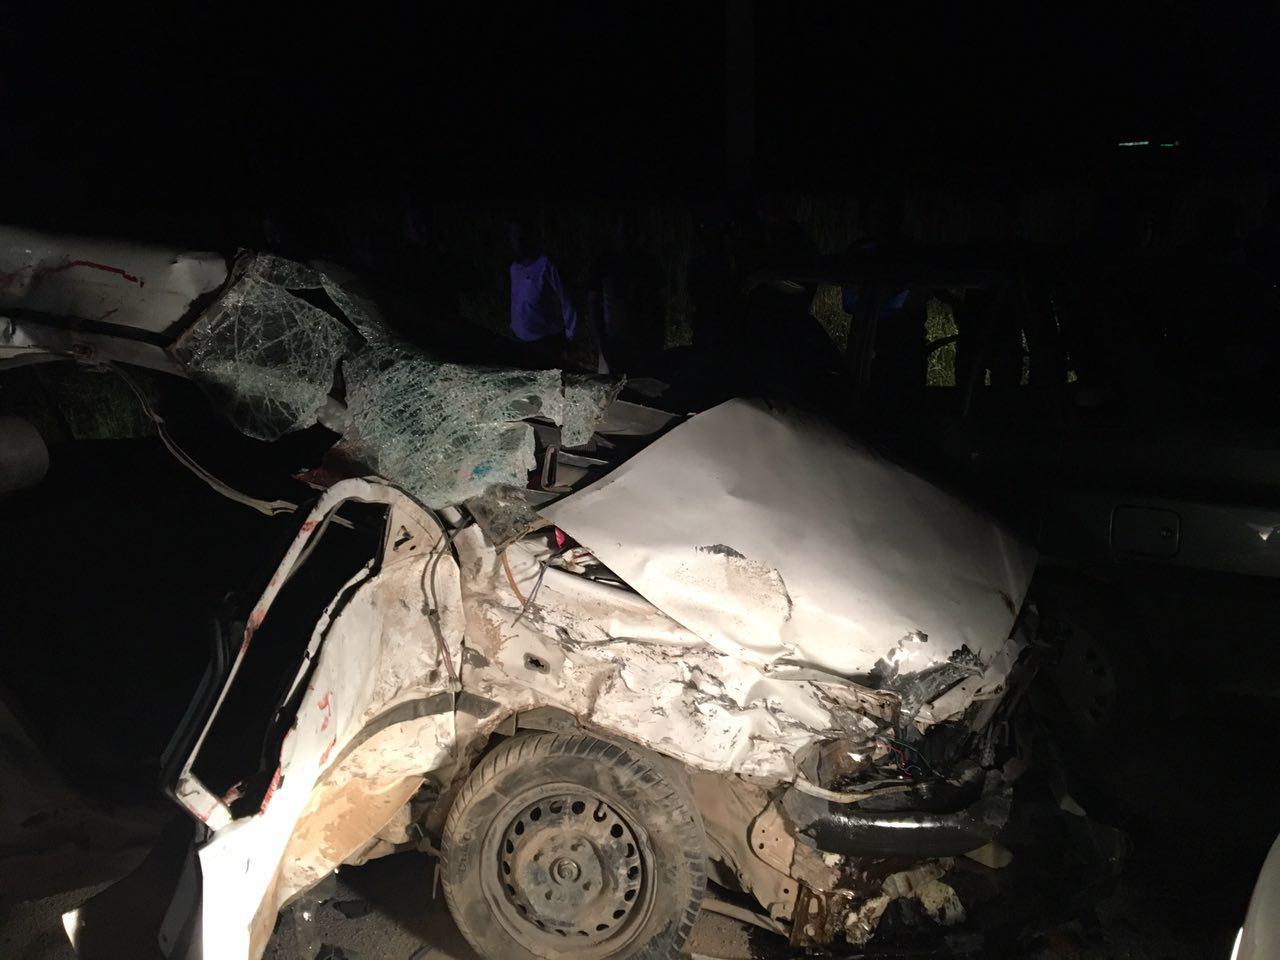 تصادف در محور ایذه به راسفند ۷ کشته و مجروح در پی داشت / ۲ تن از اعضای هیات نظارت انتخابات ایذه مصدوم شدند